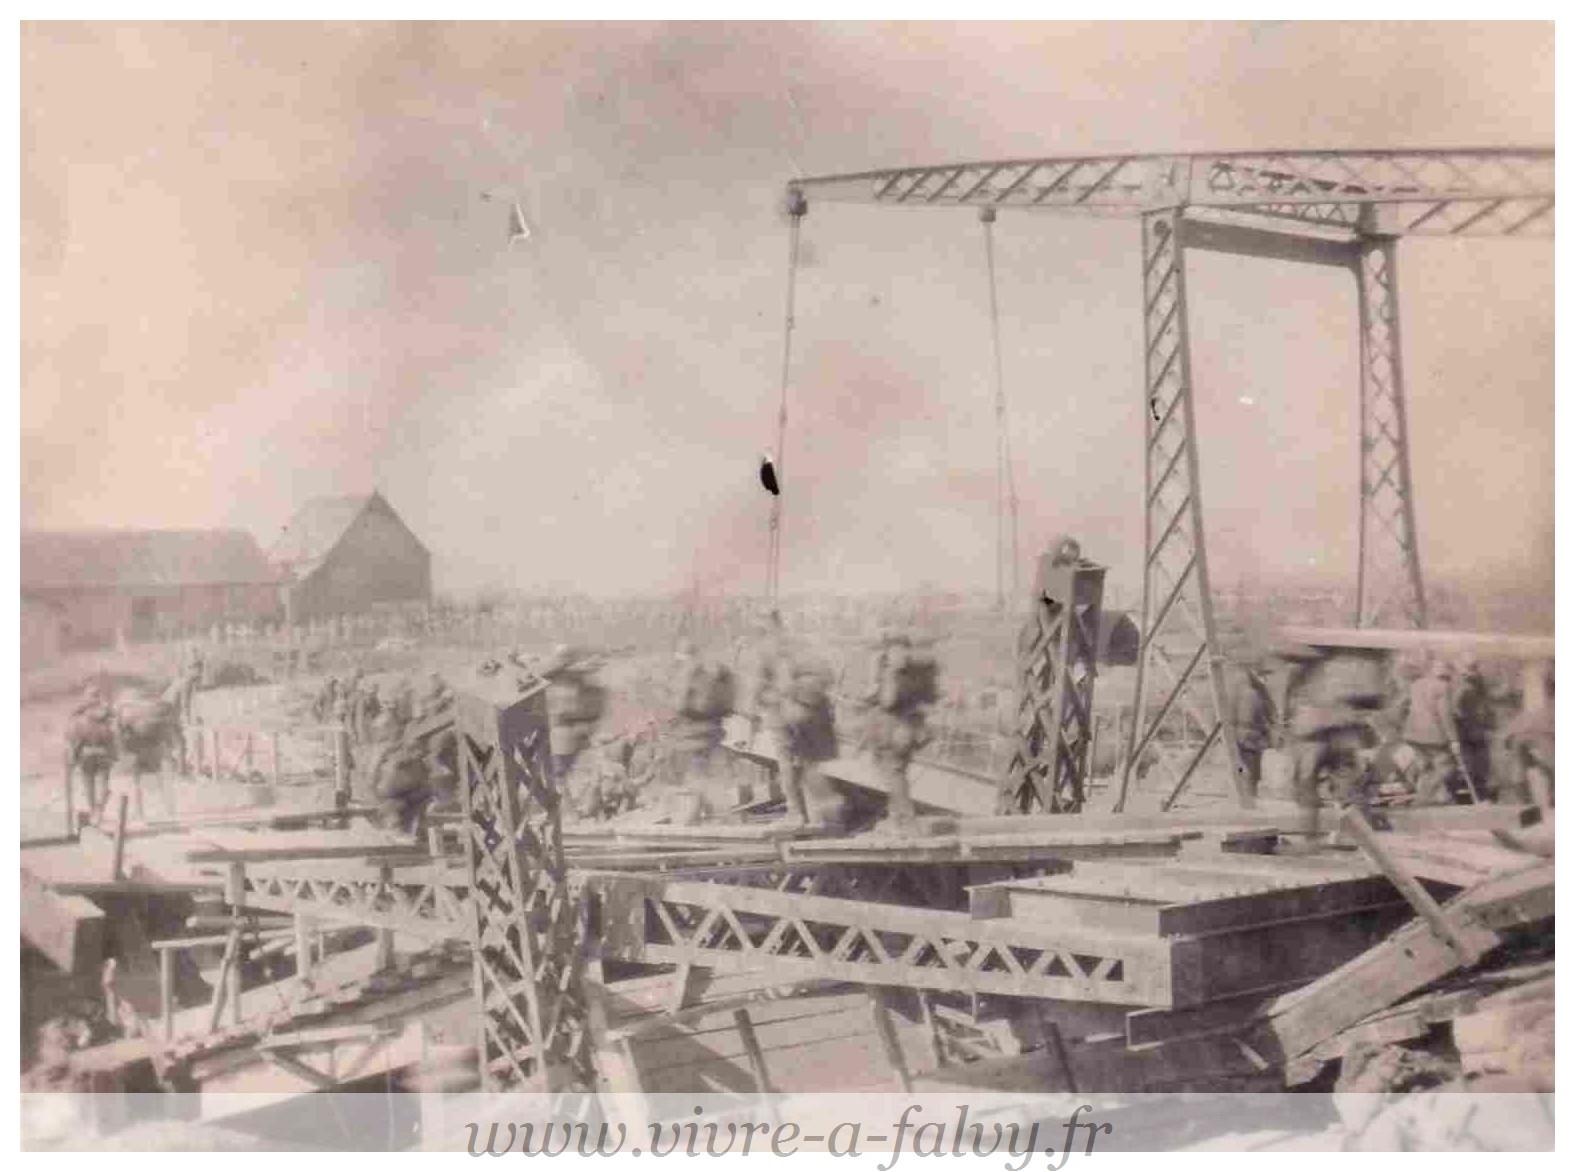 Pargny - Photo Mars 1918 - Pont de Pargny - Cimetière militaire Allemand 2